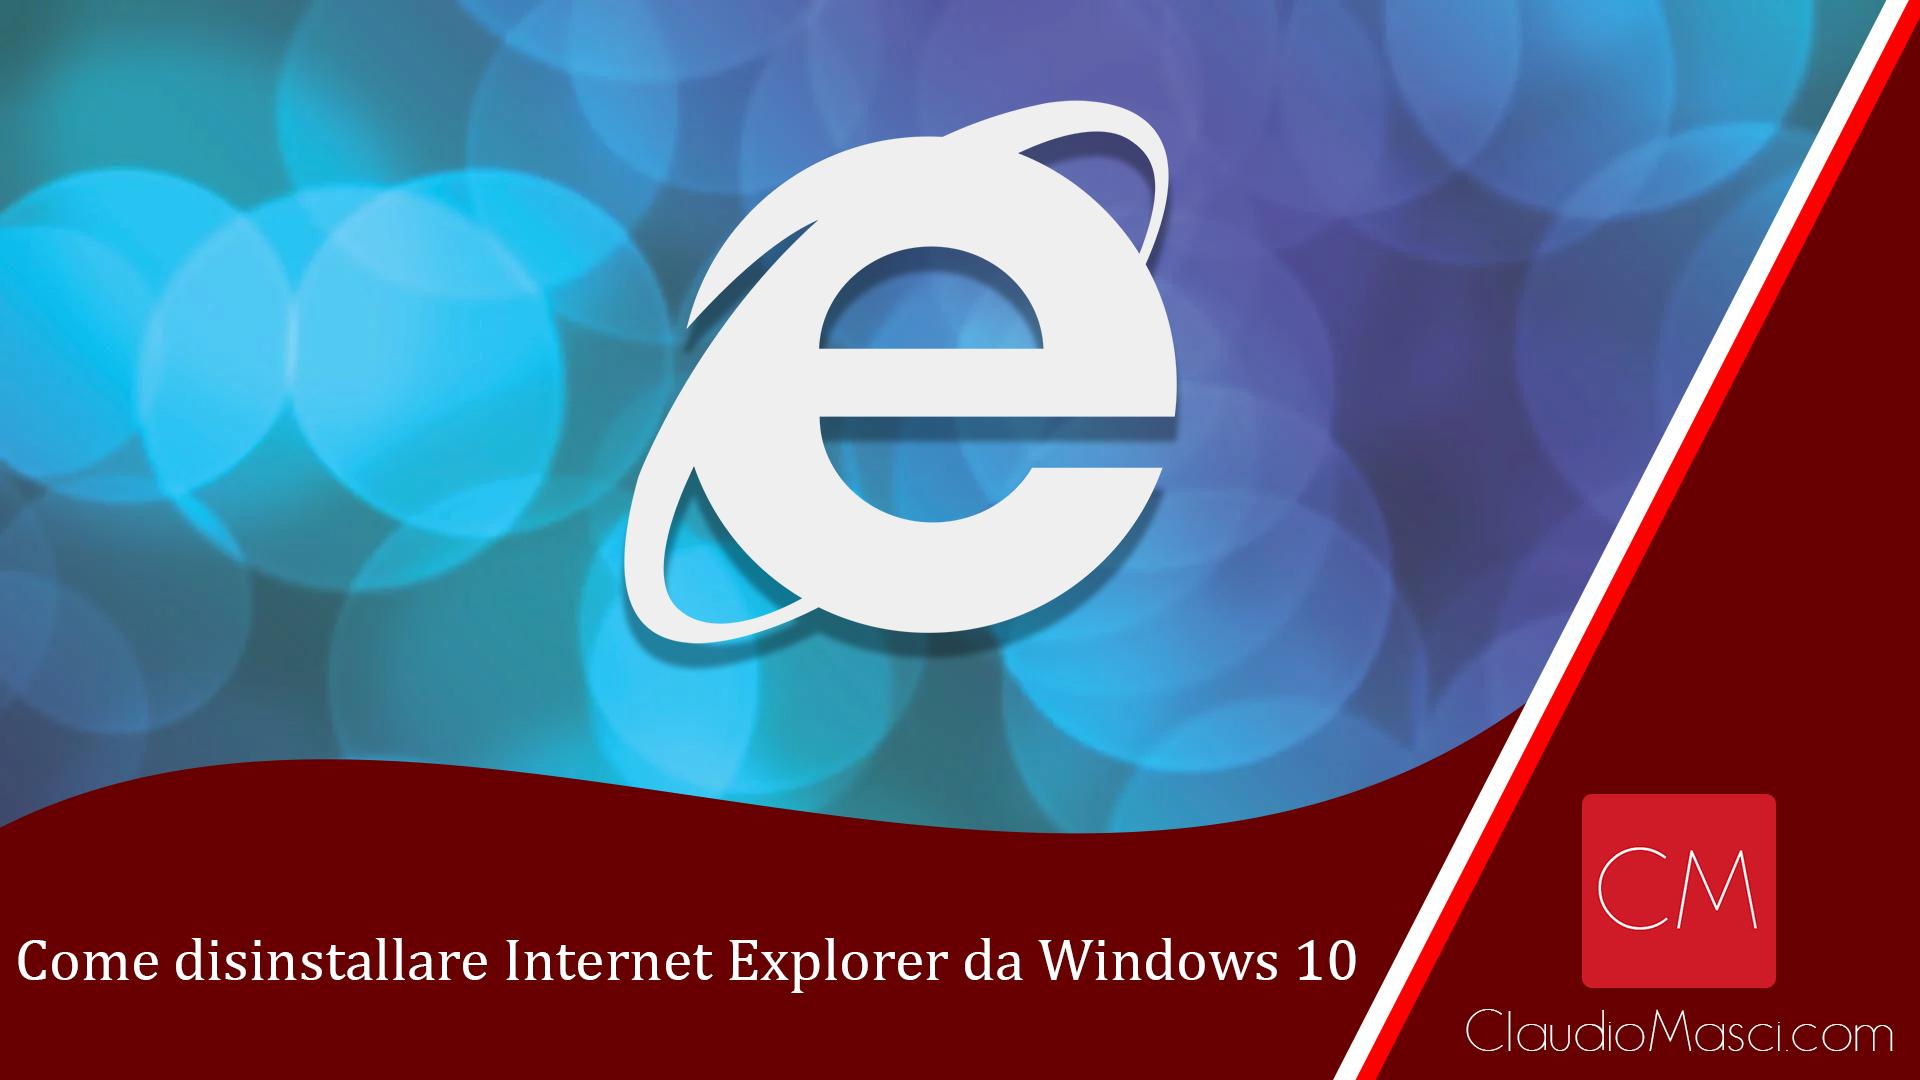 Come disinstallare Internet Explorer da Windows 10